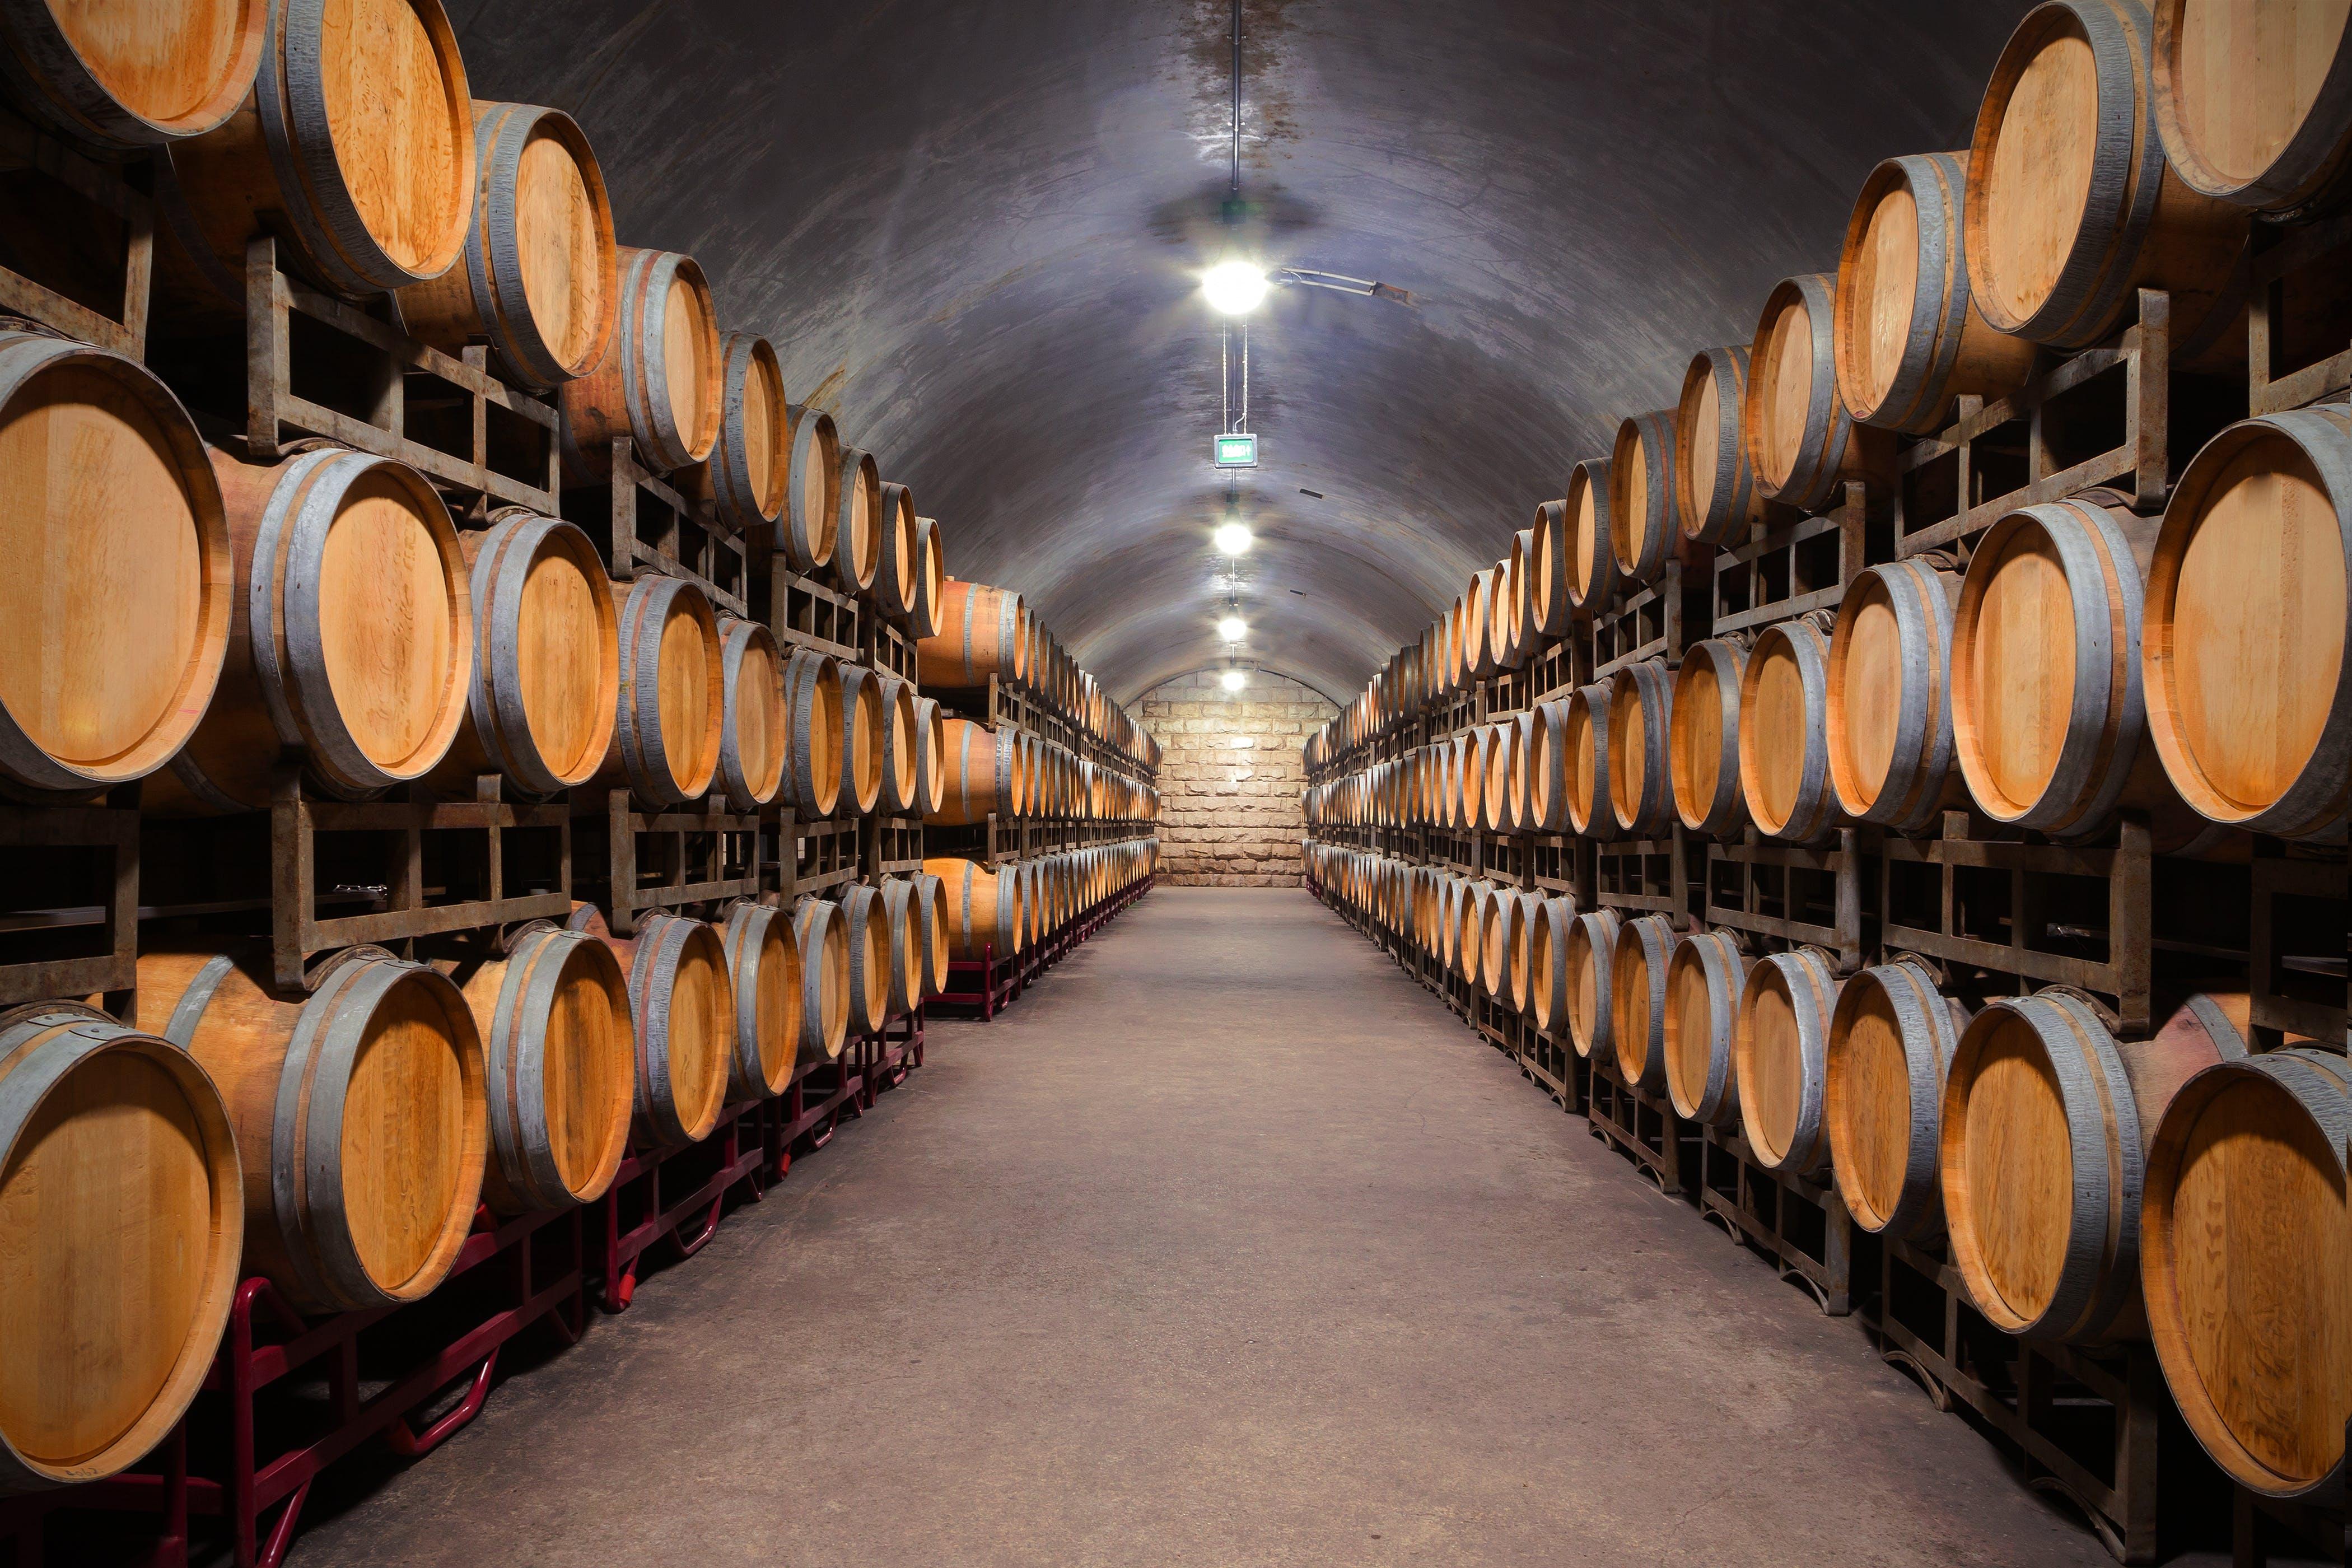 Bezoek de wijnkelders tijdens de proeverij